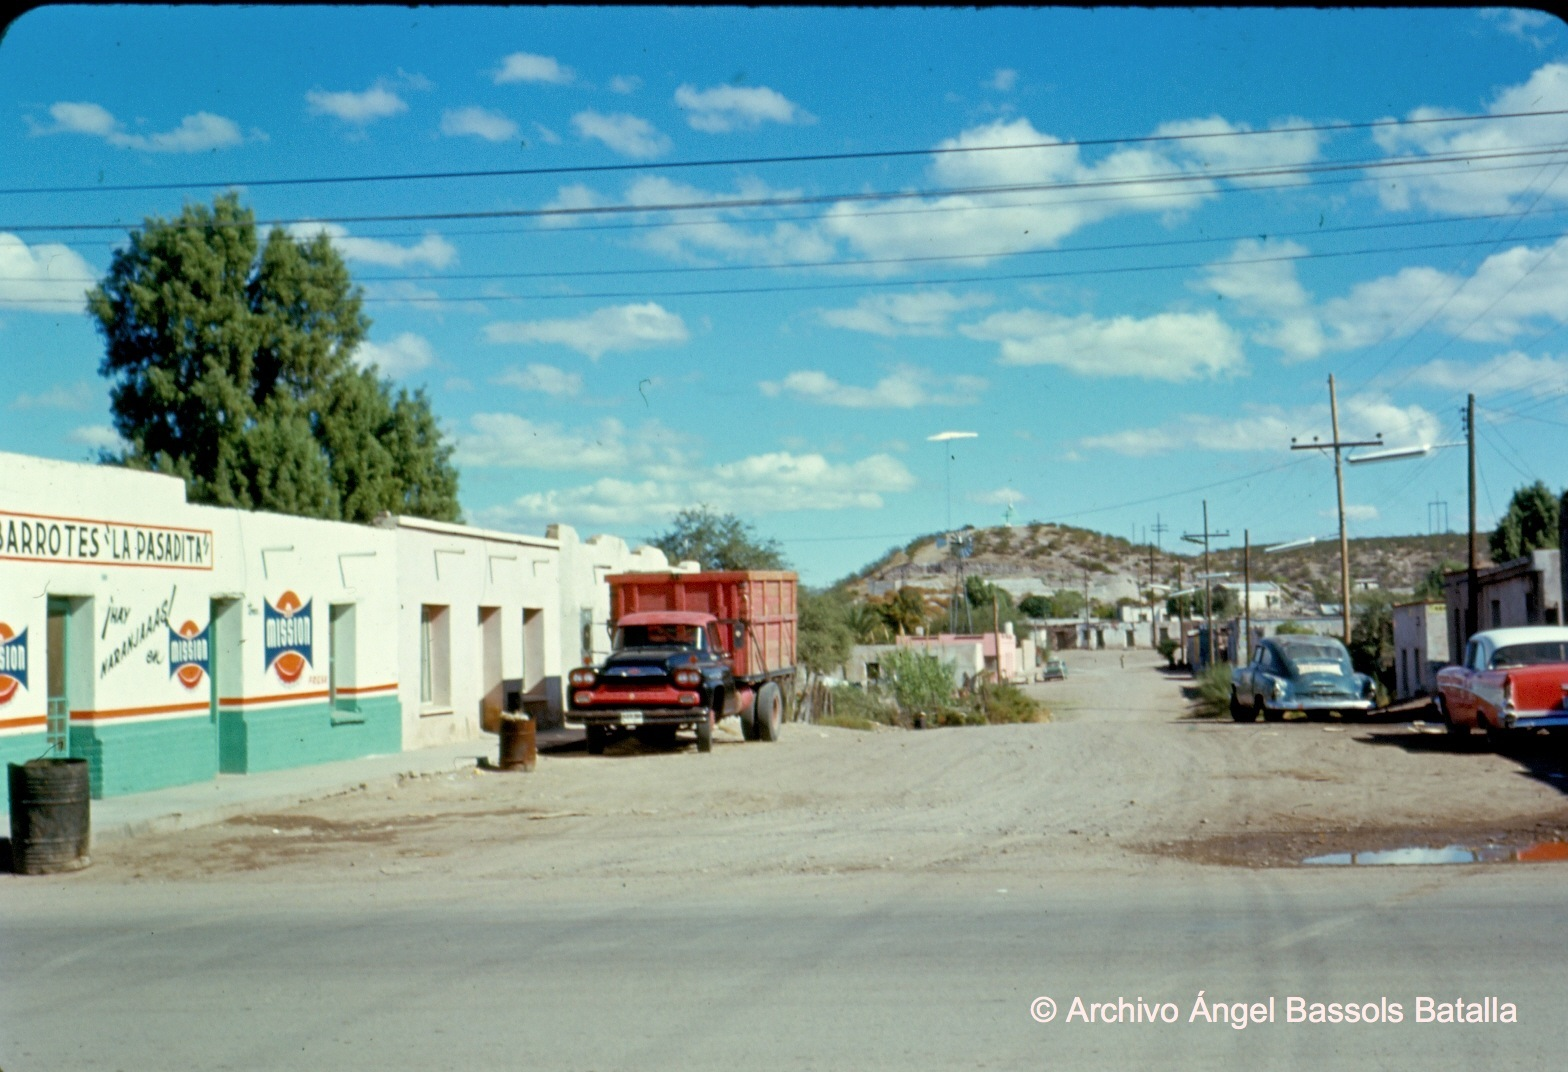 Calle de Caborca